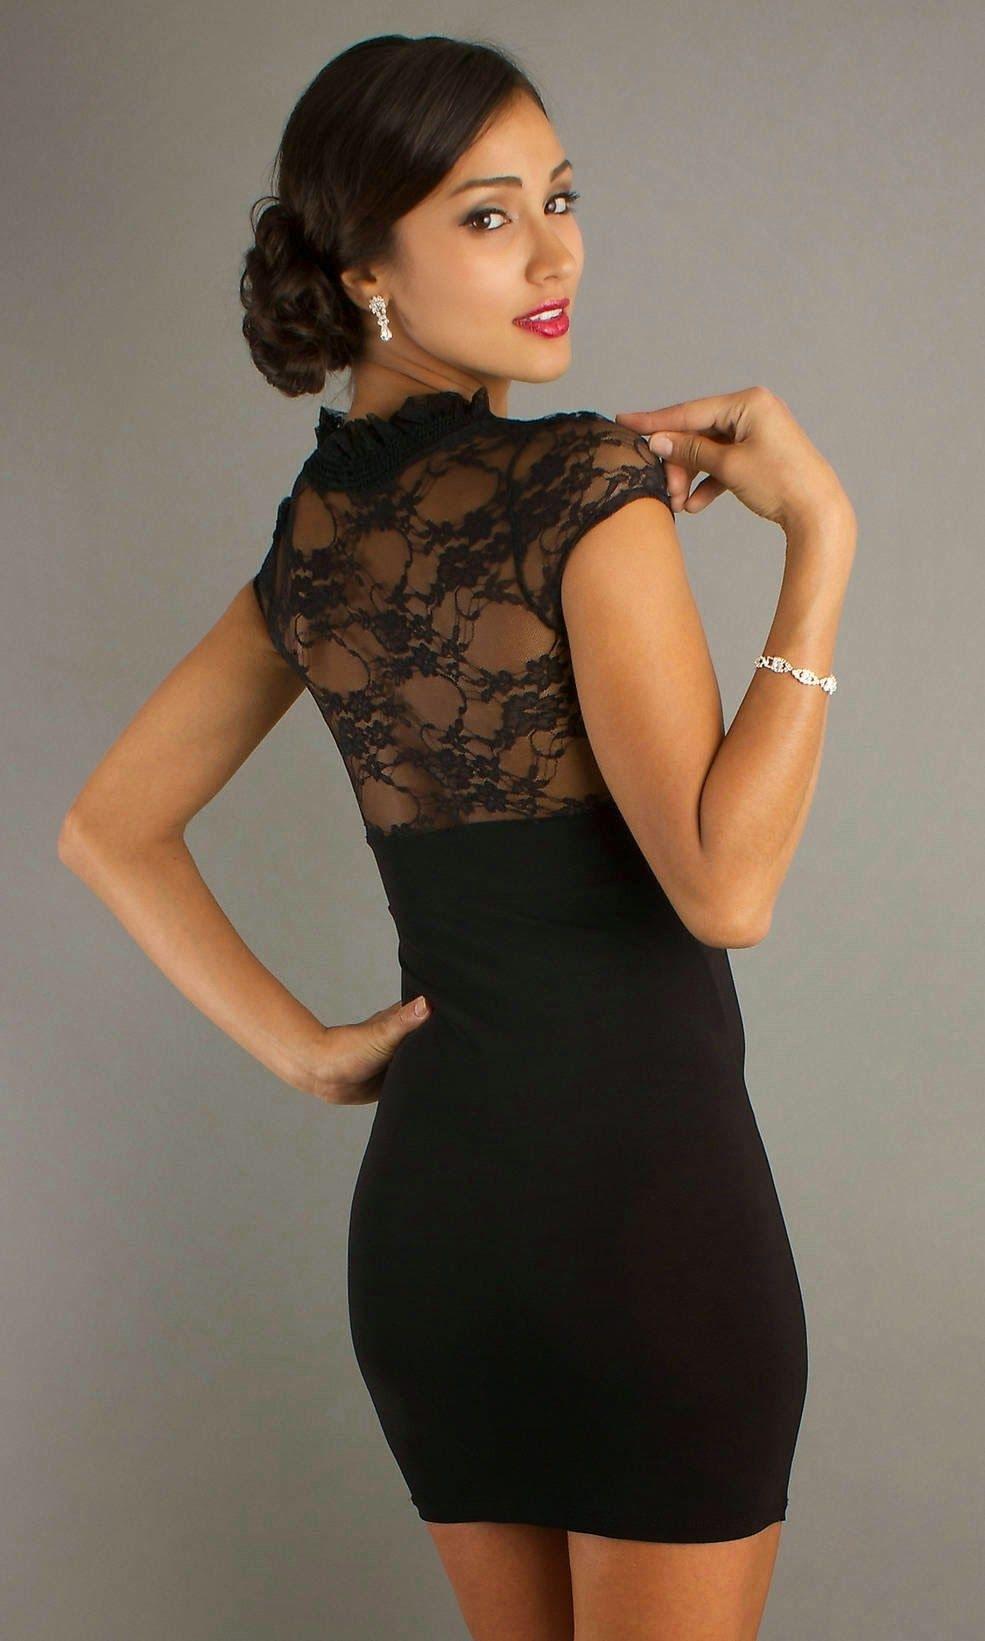 15 Wunderbar Kurze Schwarze Kleider BoutiqueAbend Leicht Kurze Schwarze Kleider Vertrieb